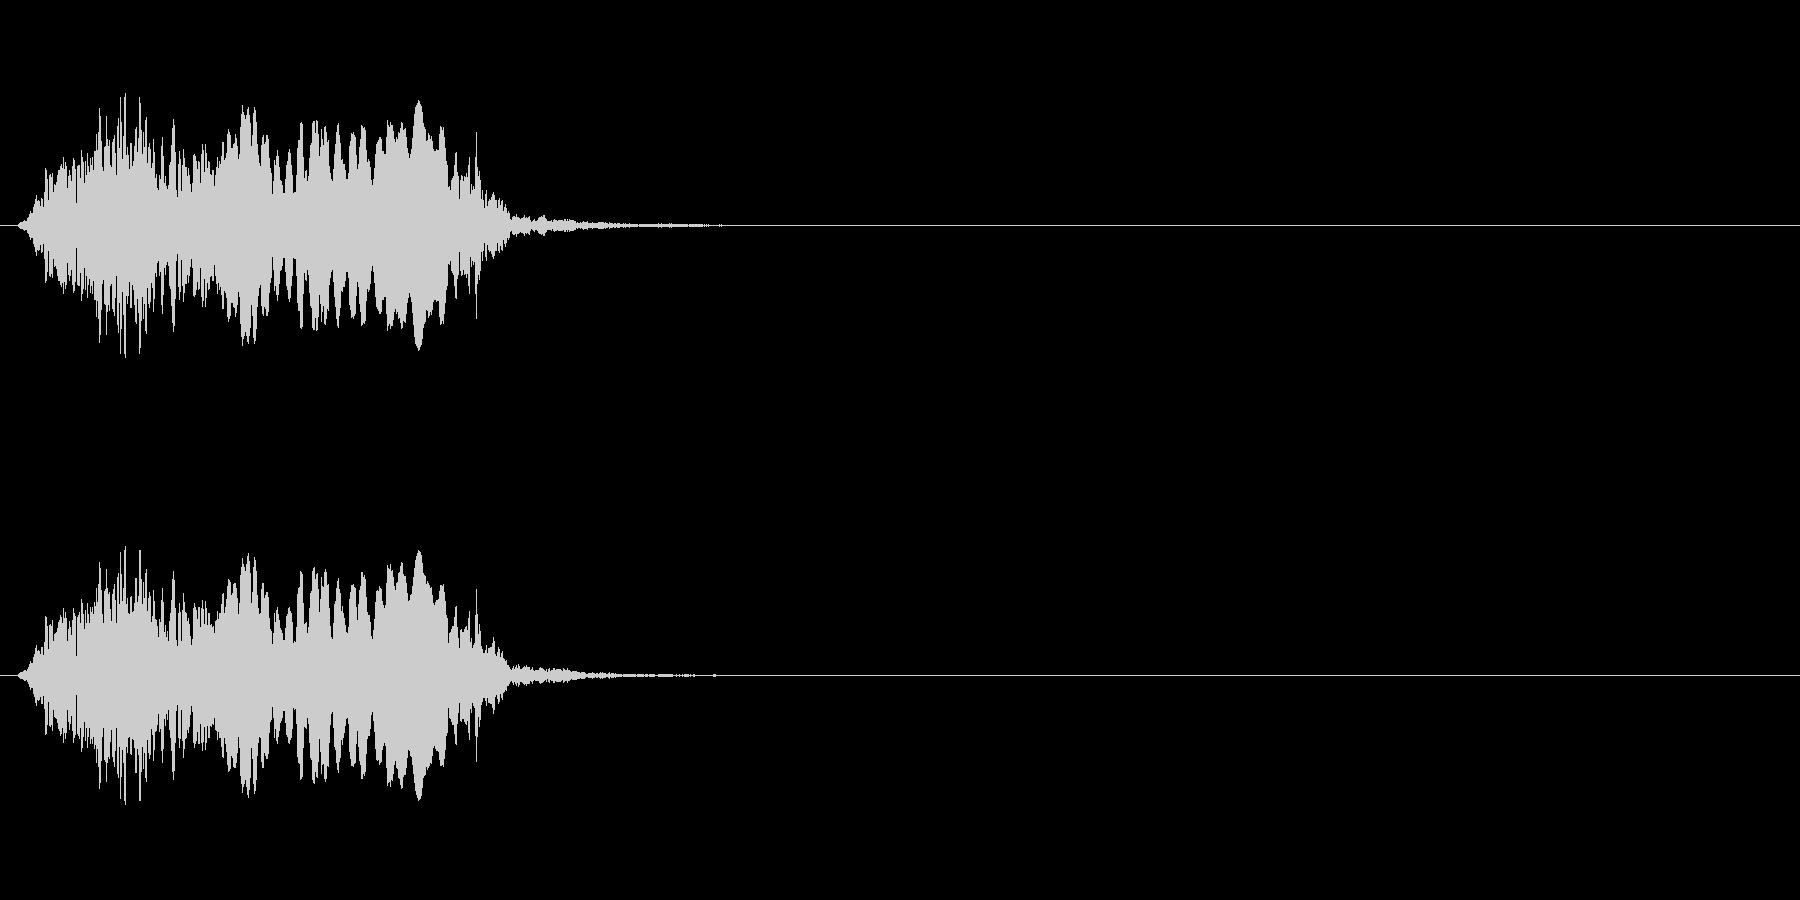 【絶叫 女性01-1】の未再生の波形